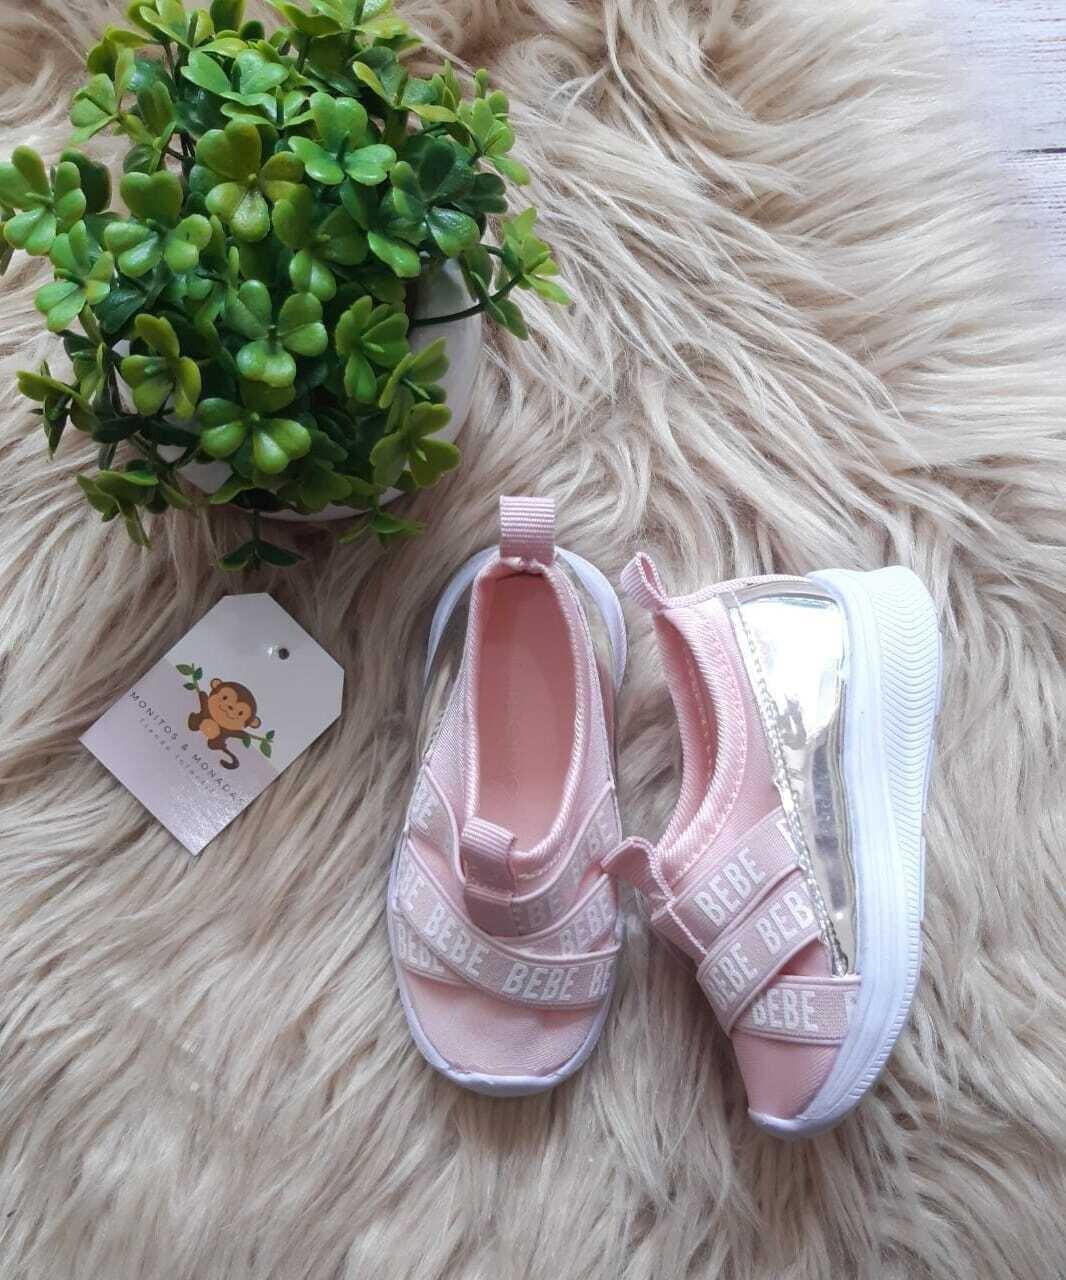 Zapatos BEBE color rosados, Talla 5 us